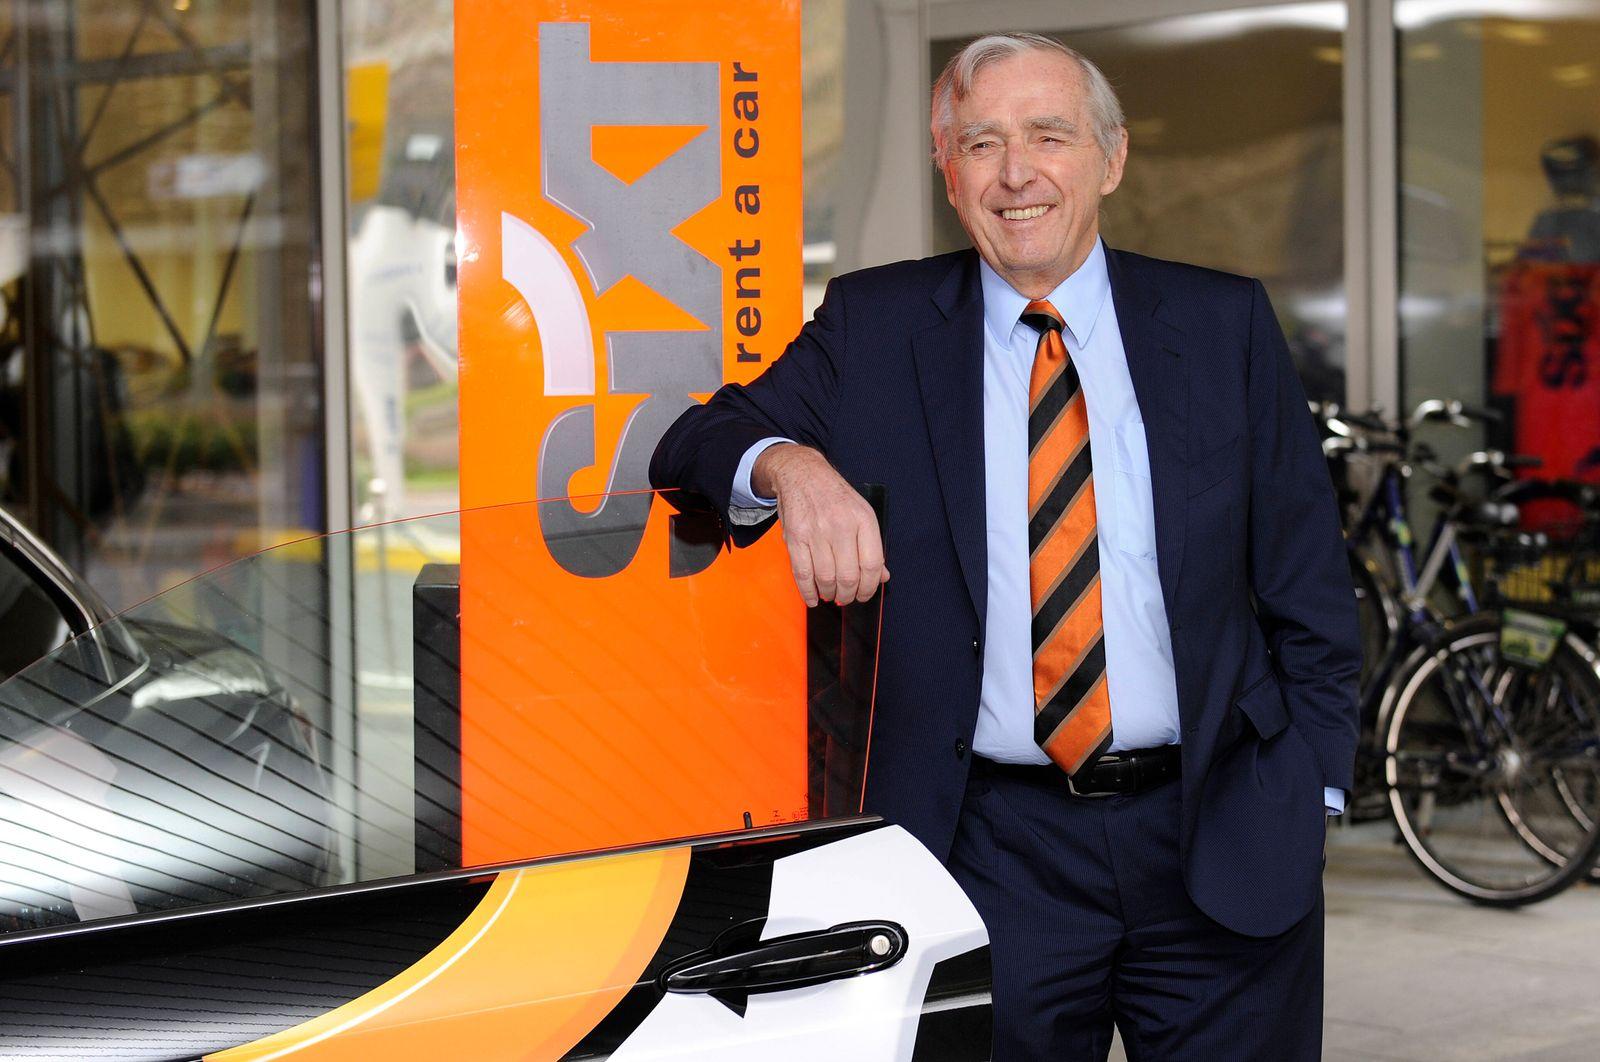 Nach 52 Jahren Autovermieter-Chef Erich Sixt tritt ab. Archivfoto: Erich SIXT,Vorstandsvorsitzender,CEO, Einzelbild,ange